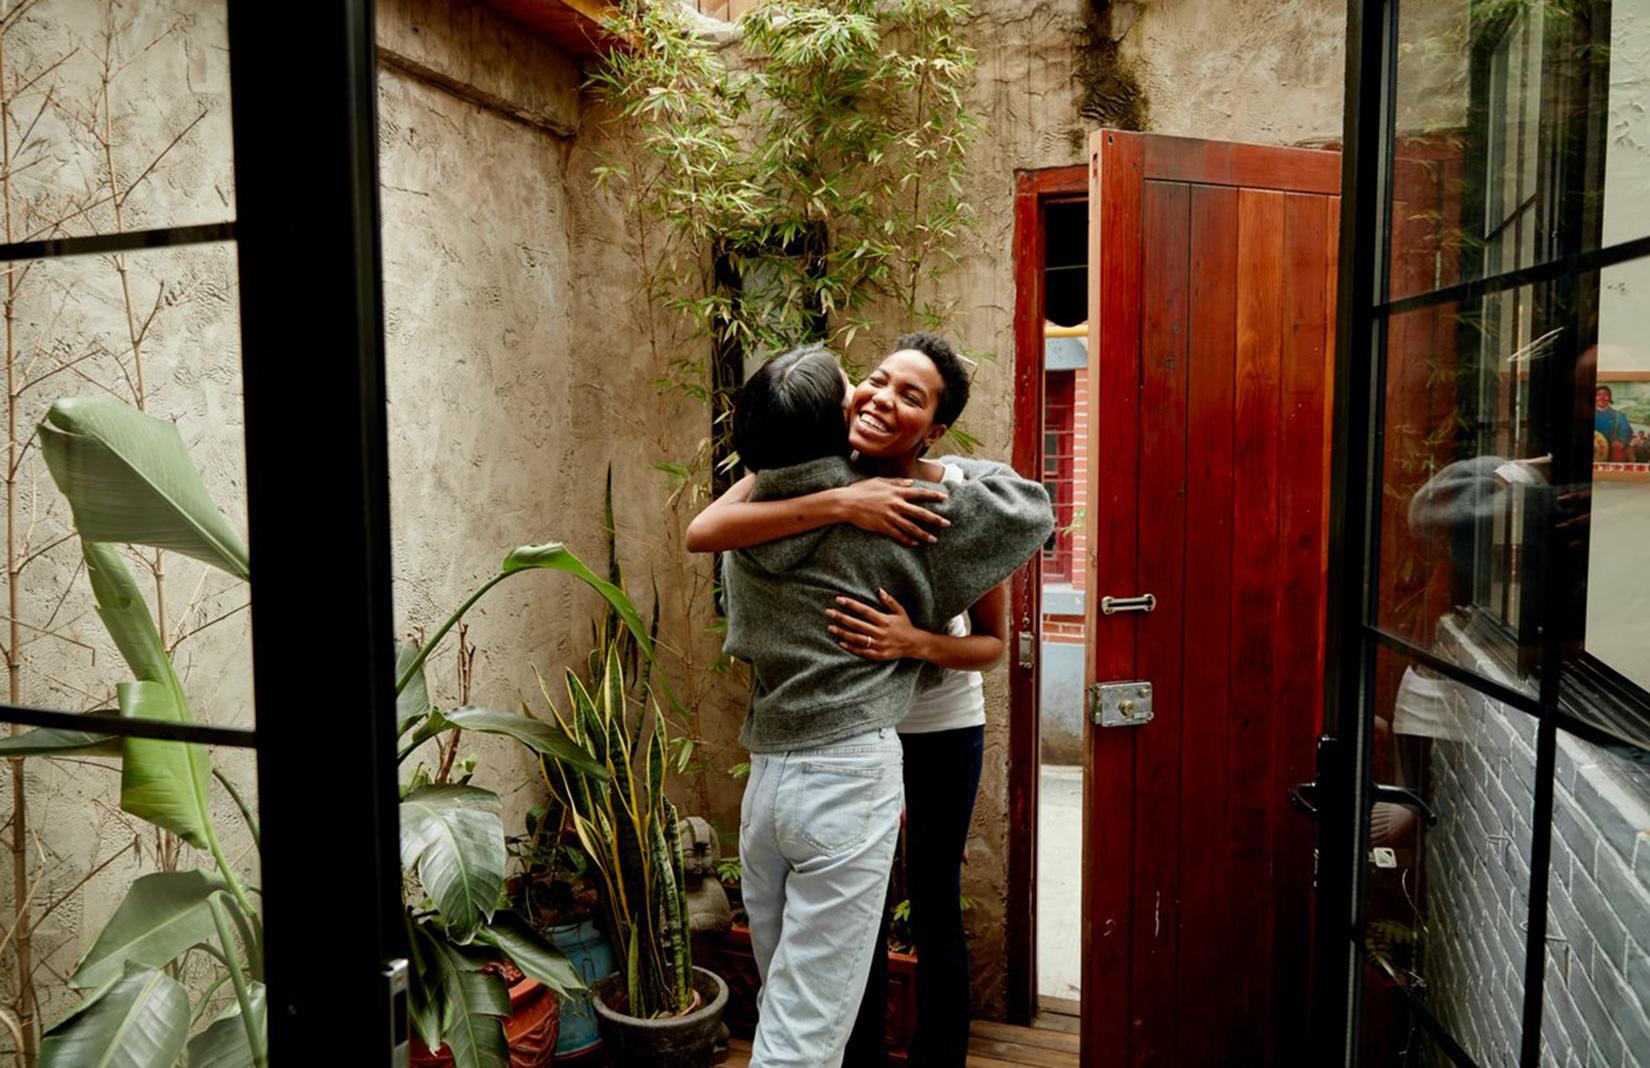 Airbnbs-open-homes-platform-1.jpg